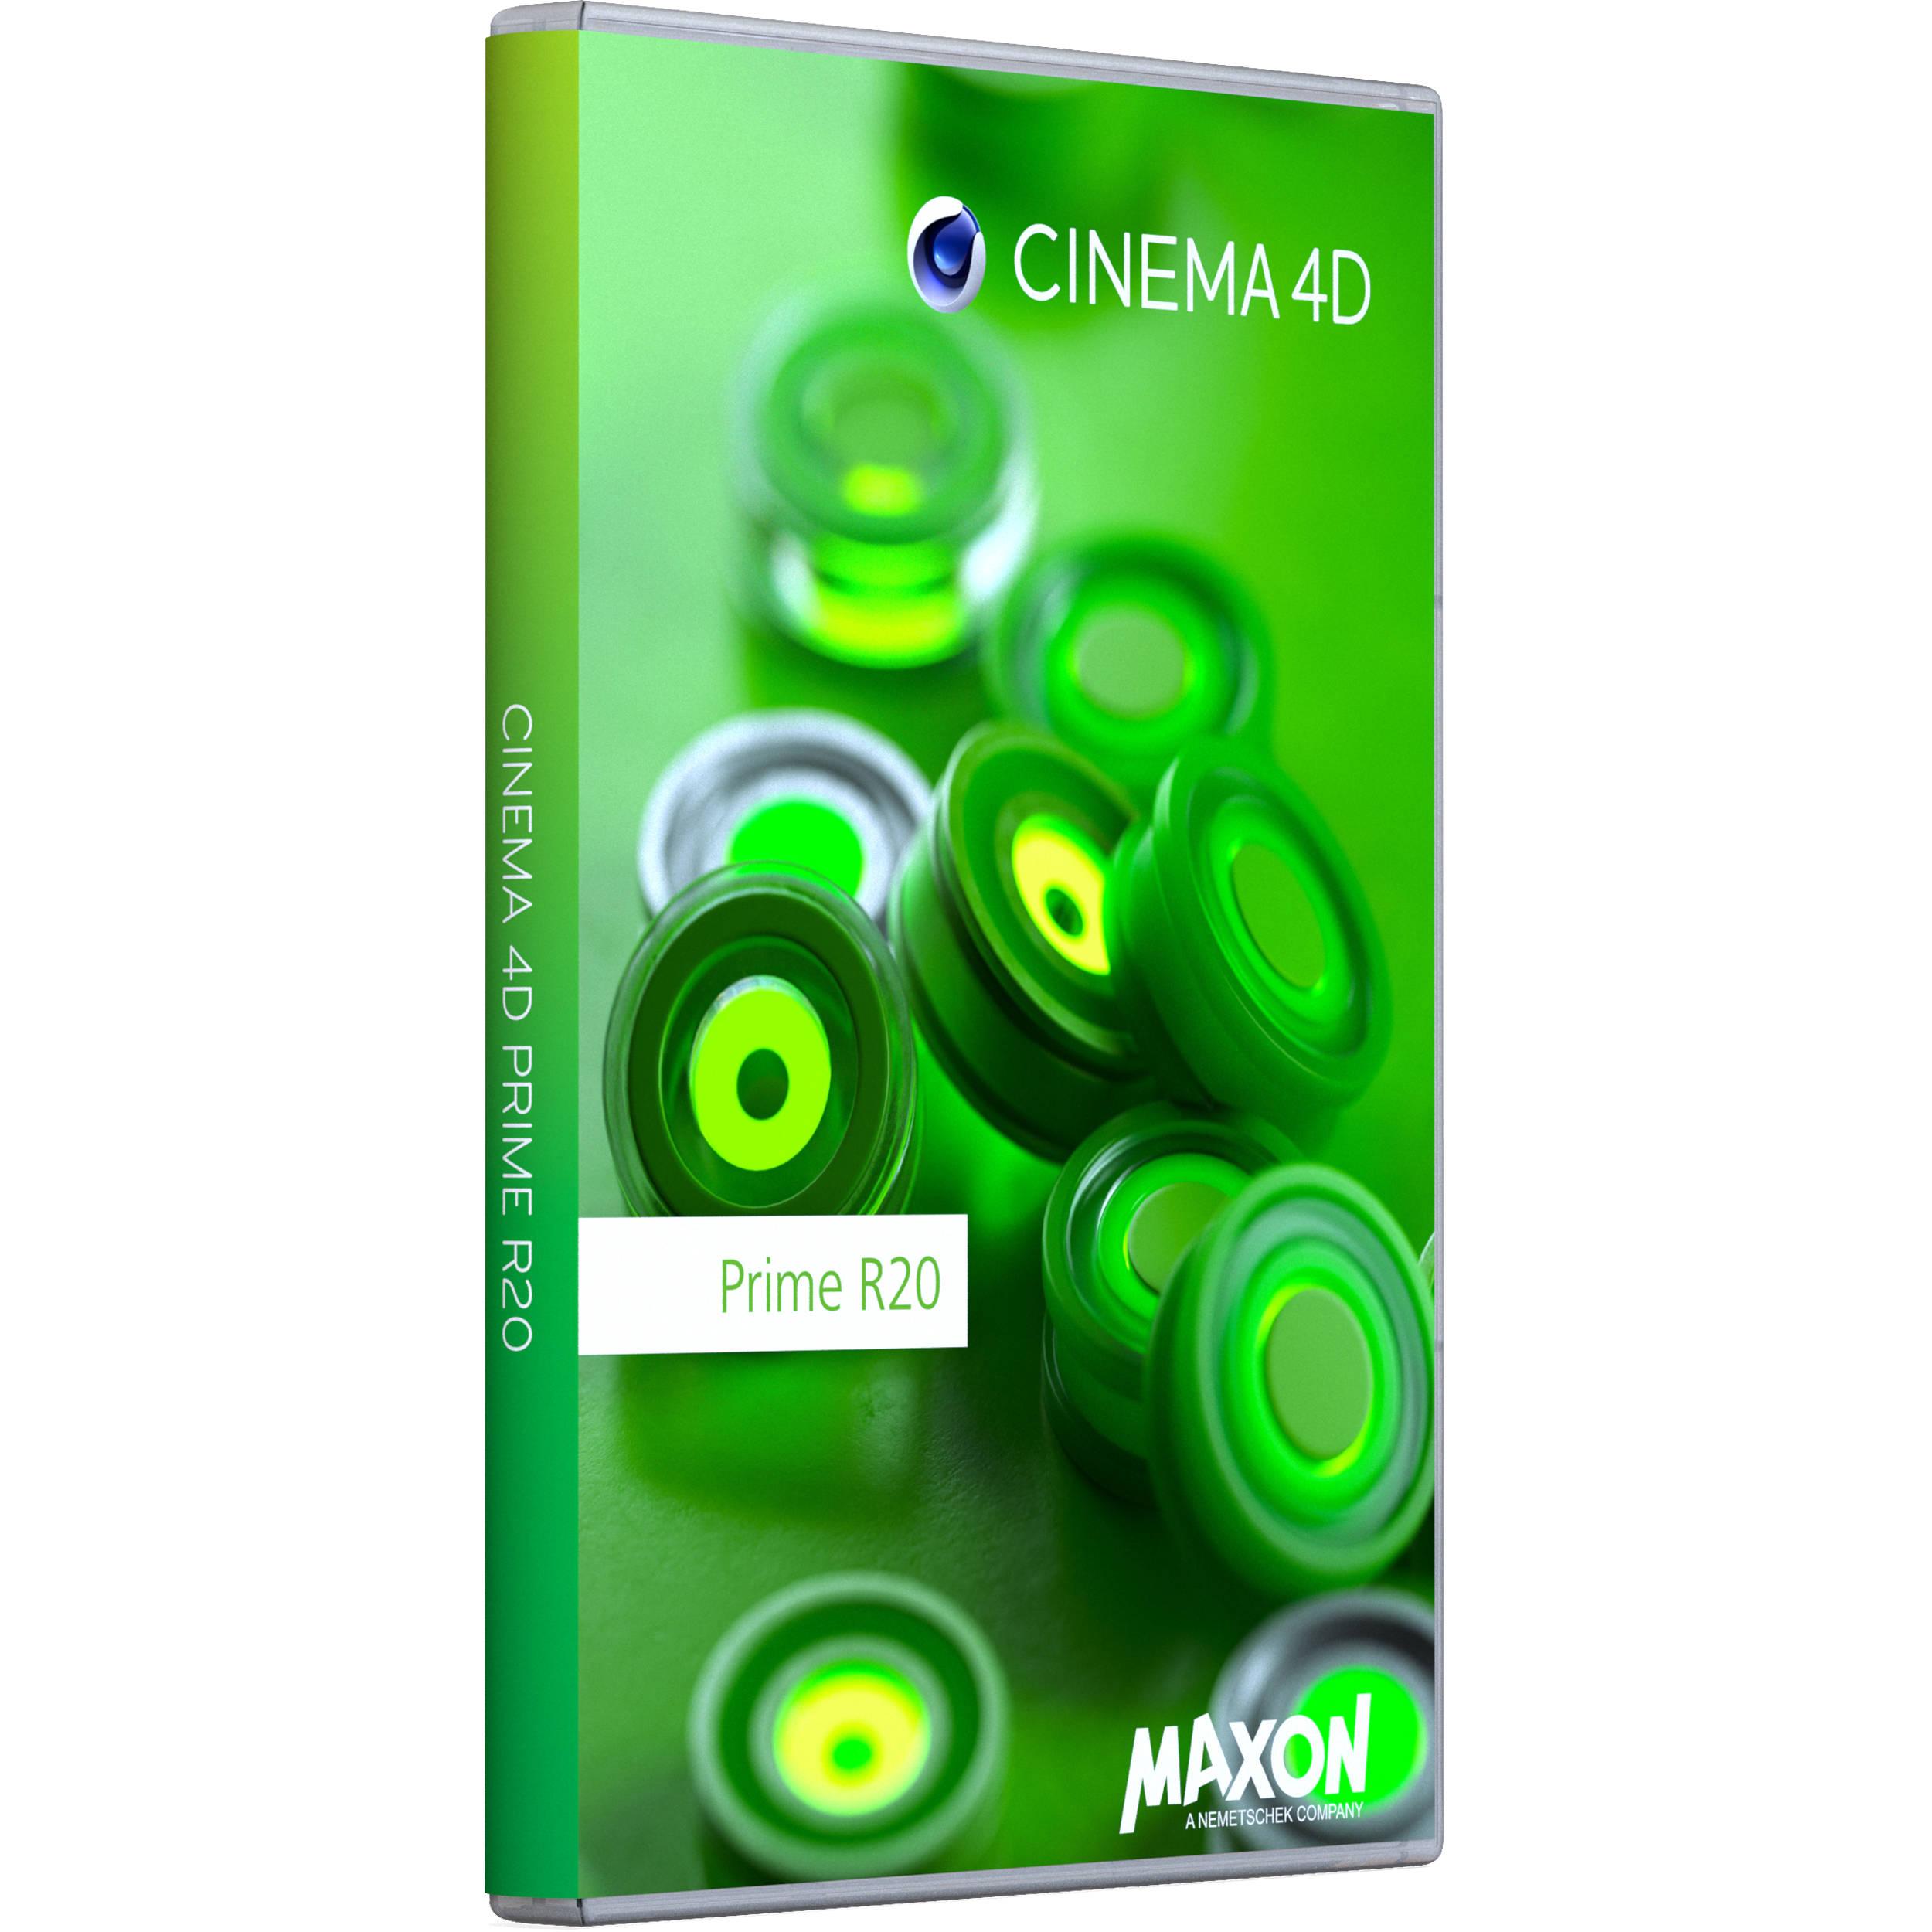 Maxon Cinema 4D Prime R20 (Multi-License Discount, Download)